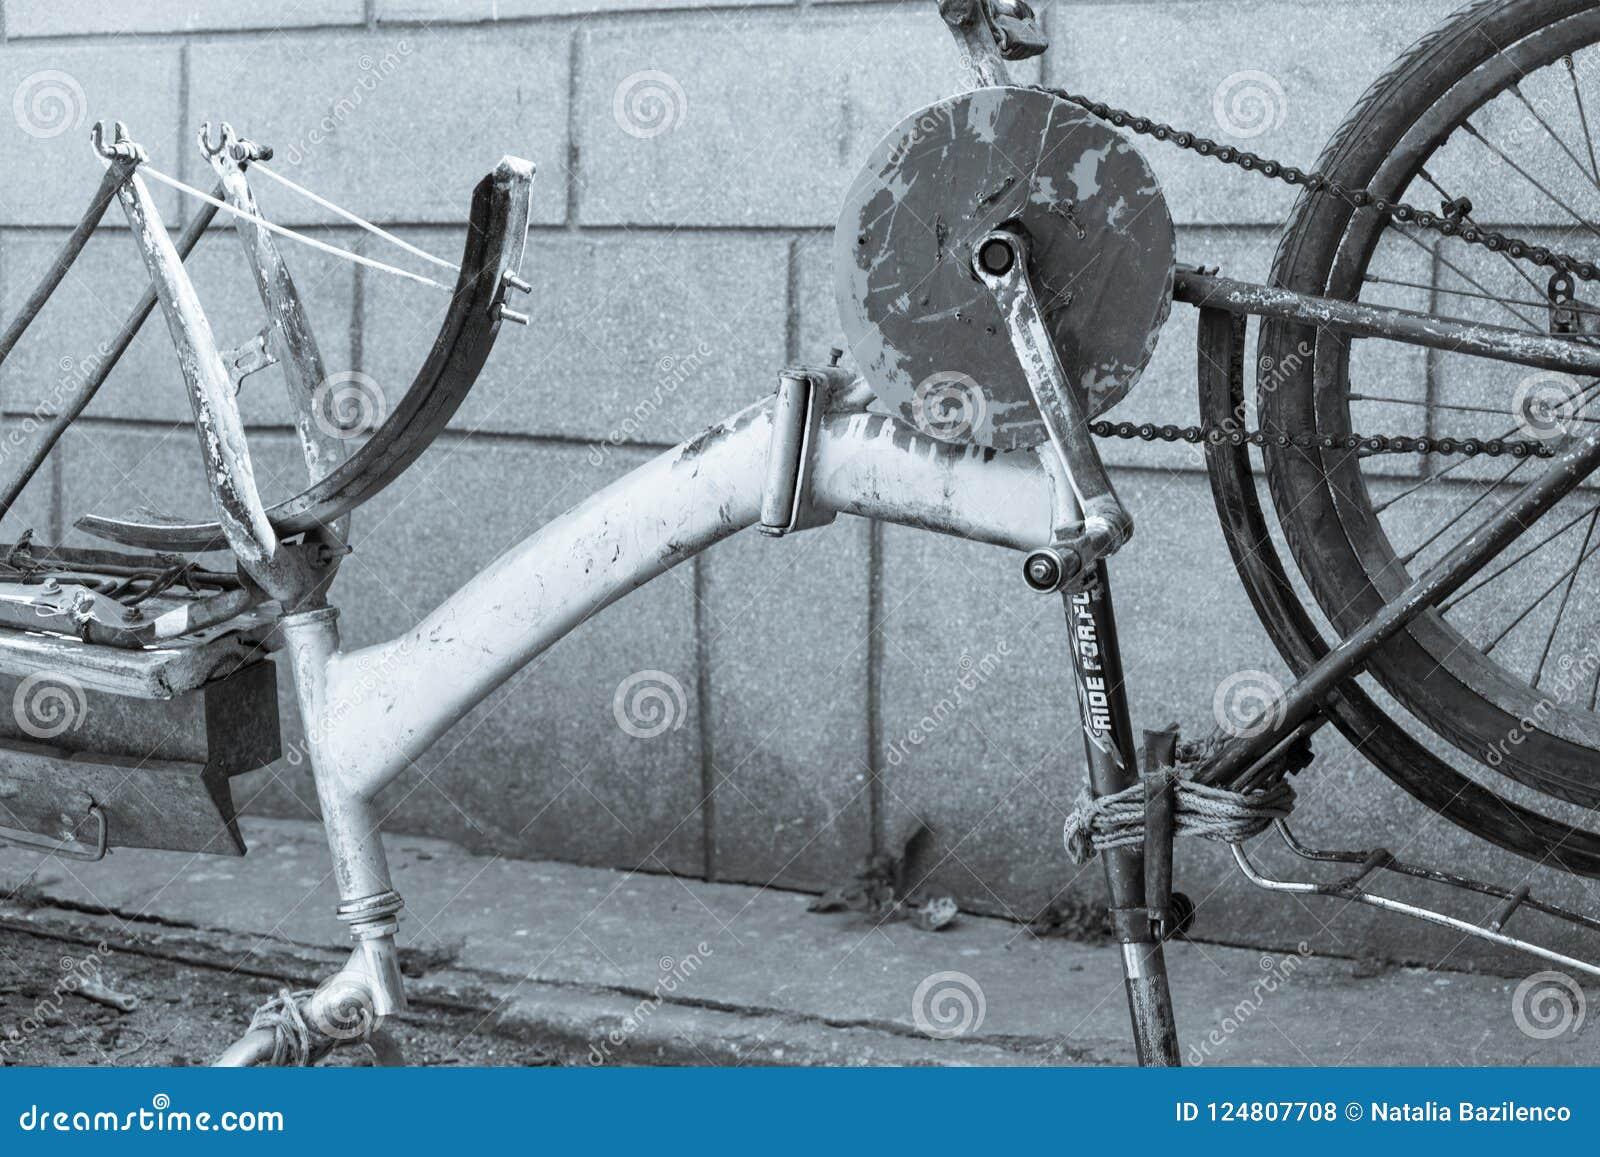 Bicicletta Rotta Fotografia Stock Immagine Di Metallo 124807708